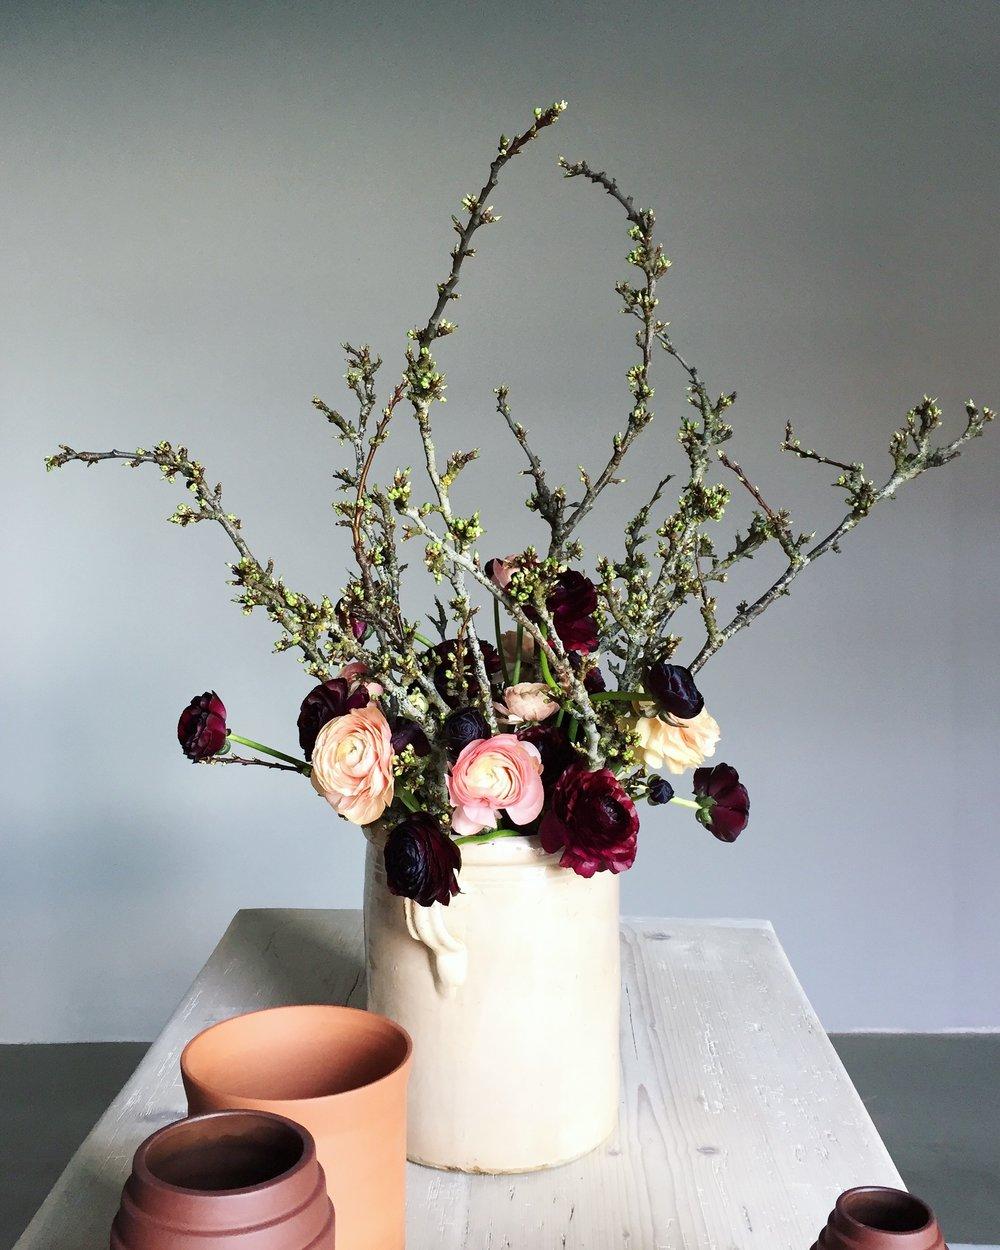 Forårsbuket til Aiayu, specialbestilling